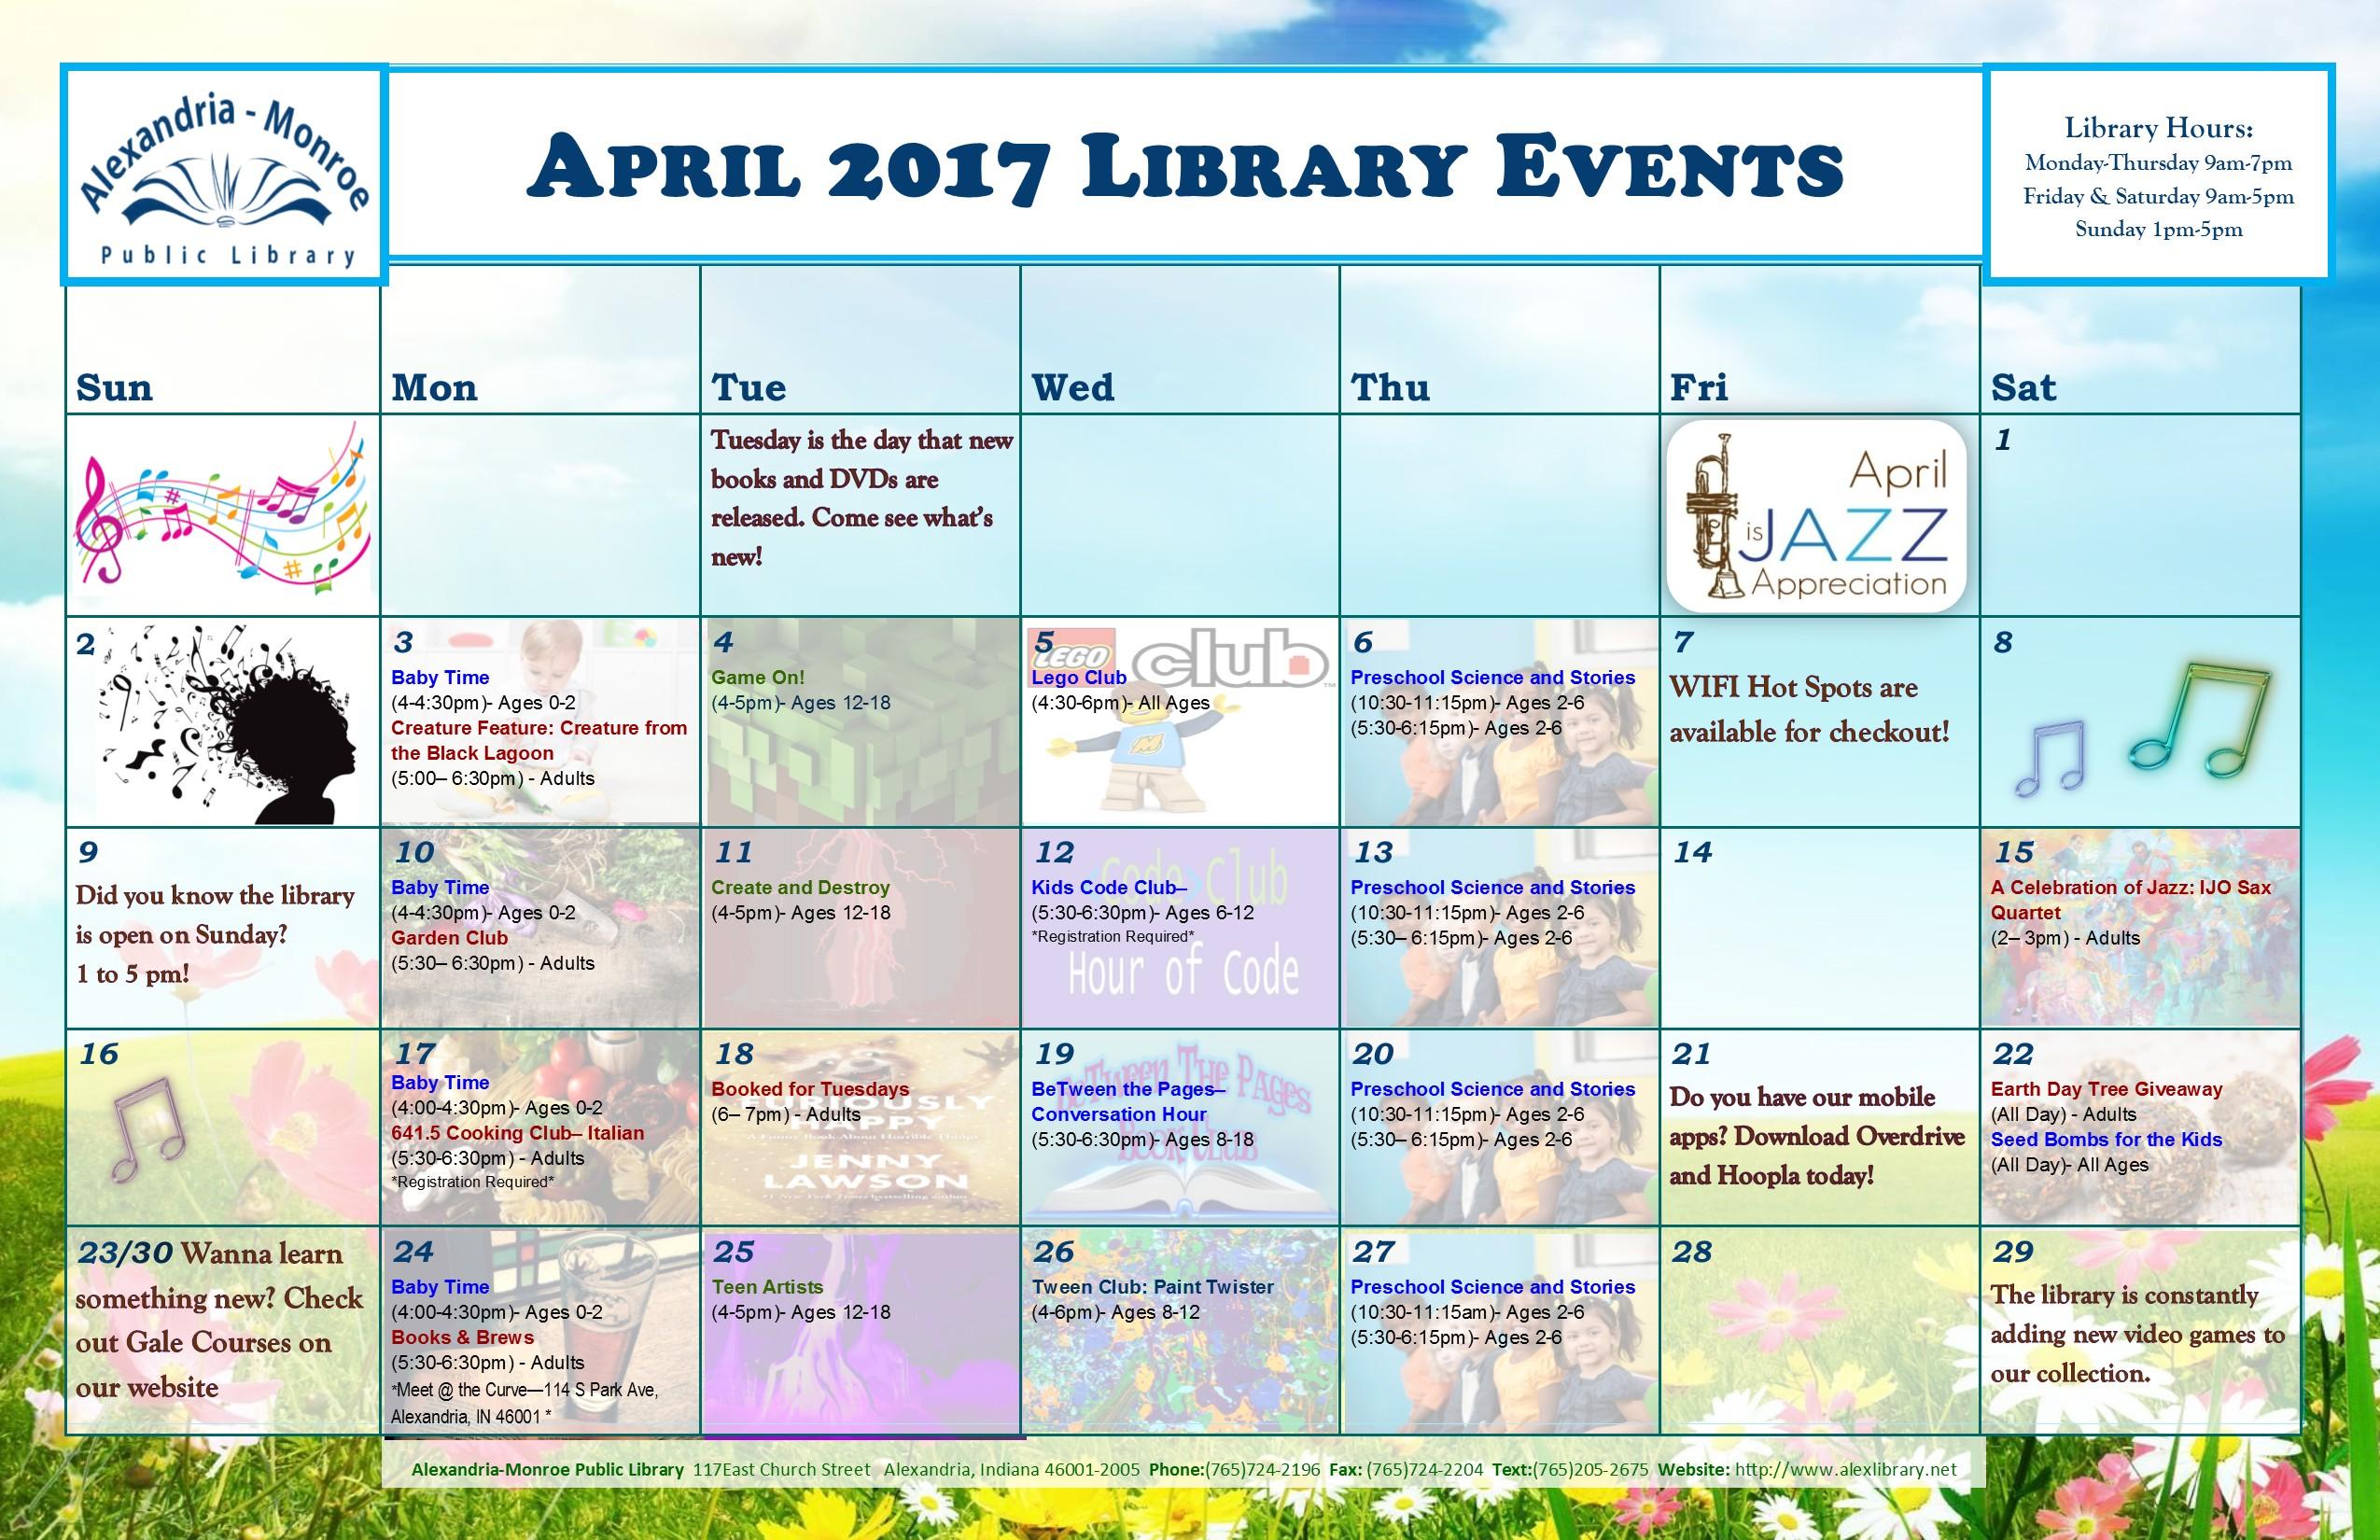 Library Event Calendar Printable – Alexandria Monroe